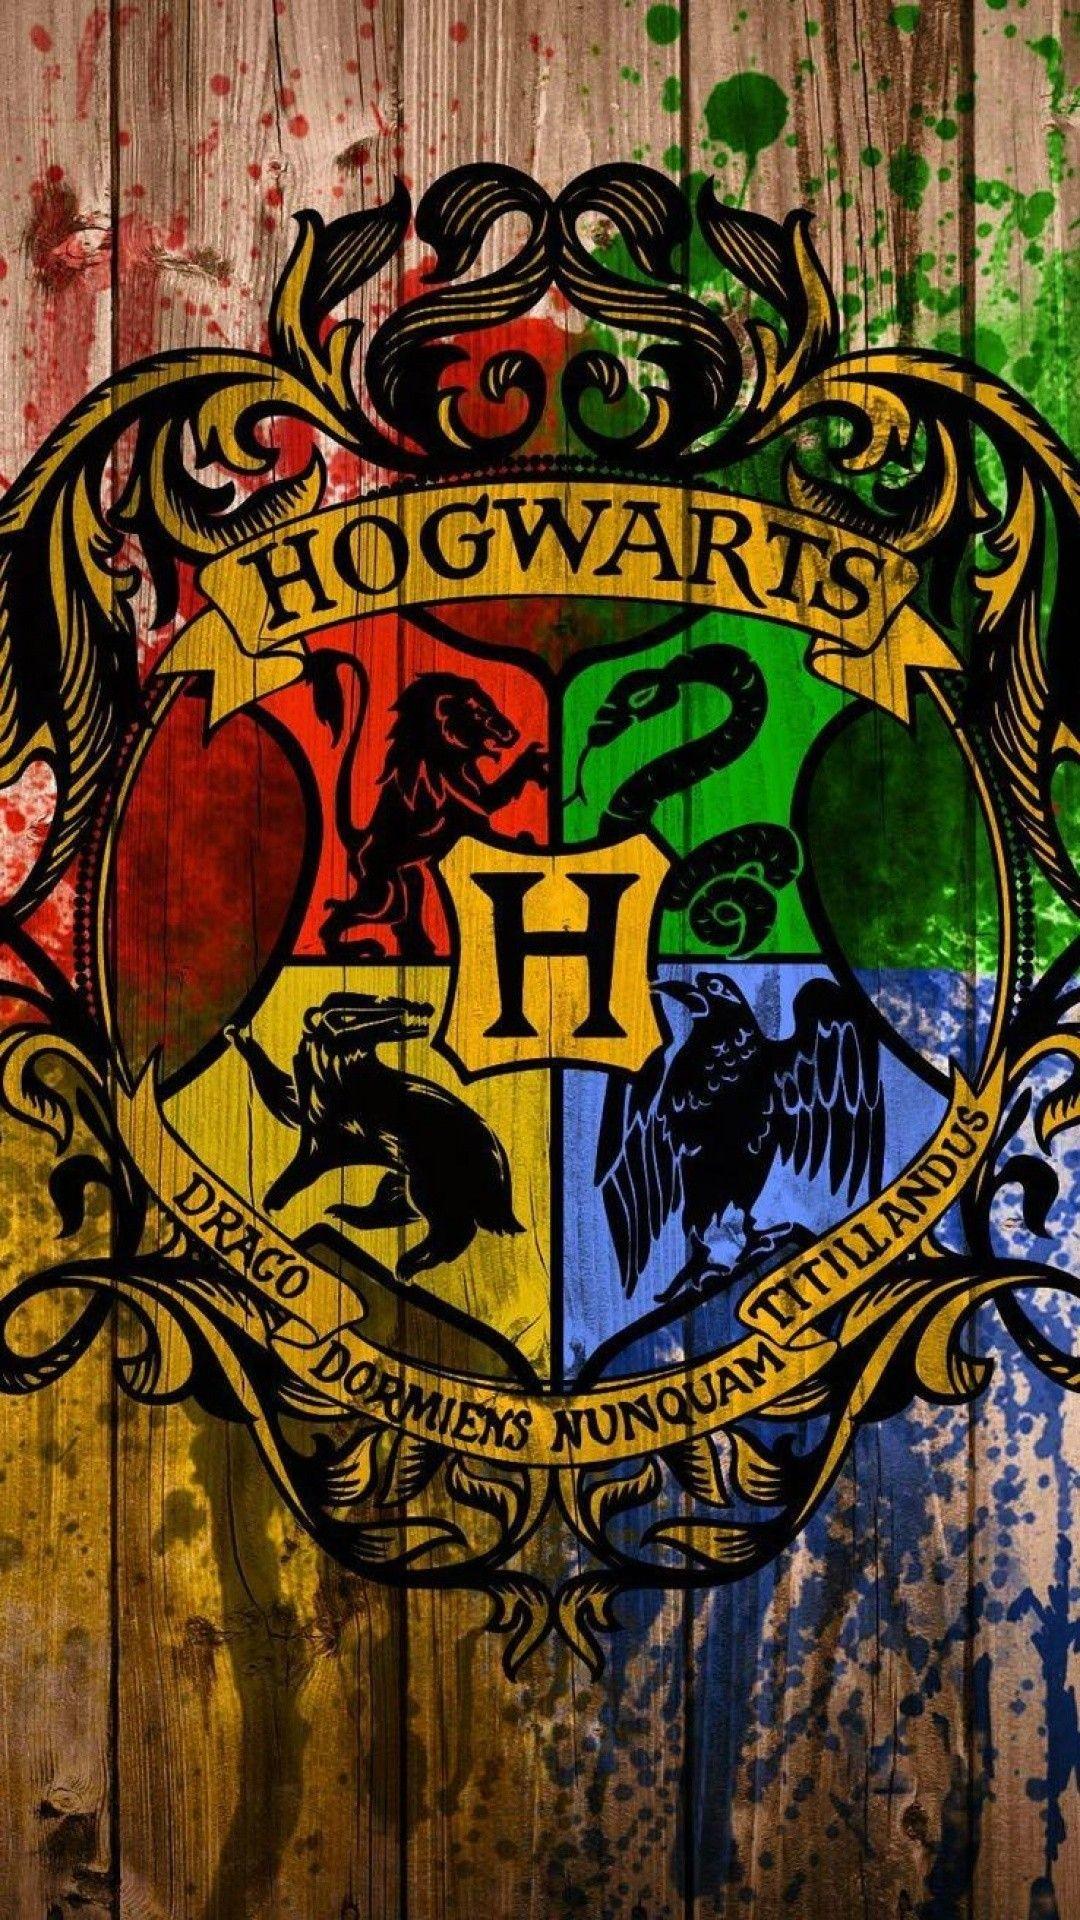 1080x1920 Http Wallpaperformobile Org 16546 Harry Potter Android Images Harry Potter Harry Potter Tumblr Harry Potter Film